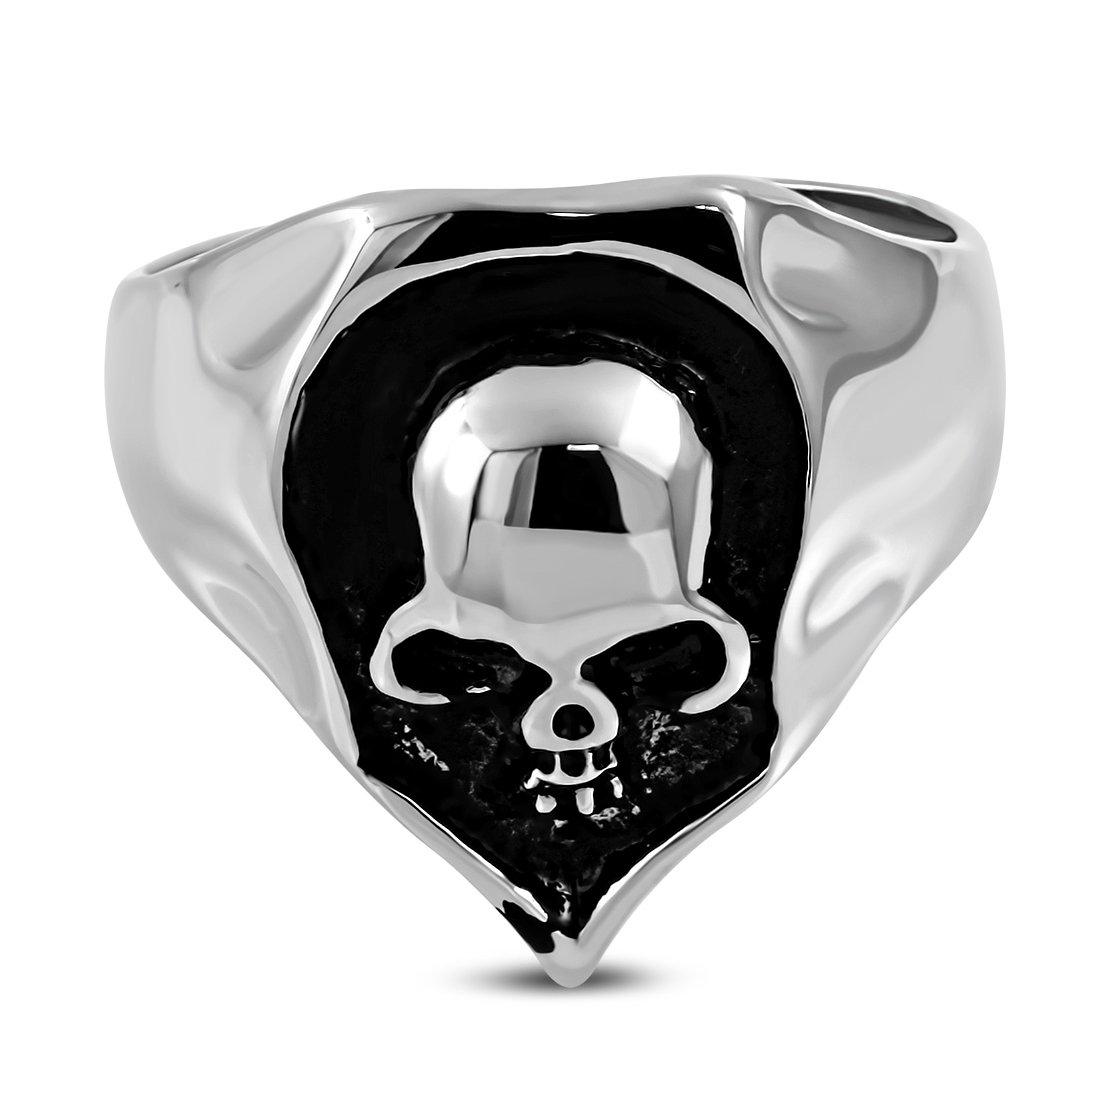 Stainless Steel 2 Color Crest Skull Shield Biker Ring